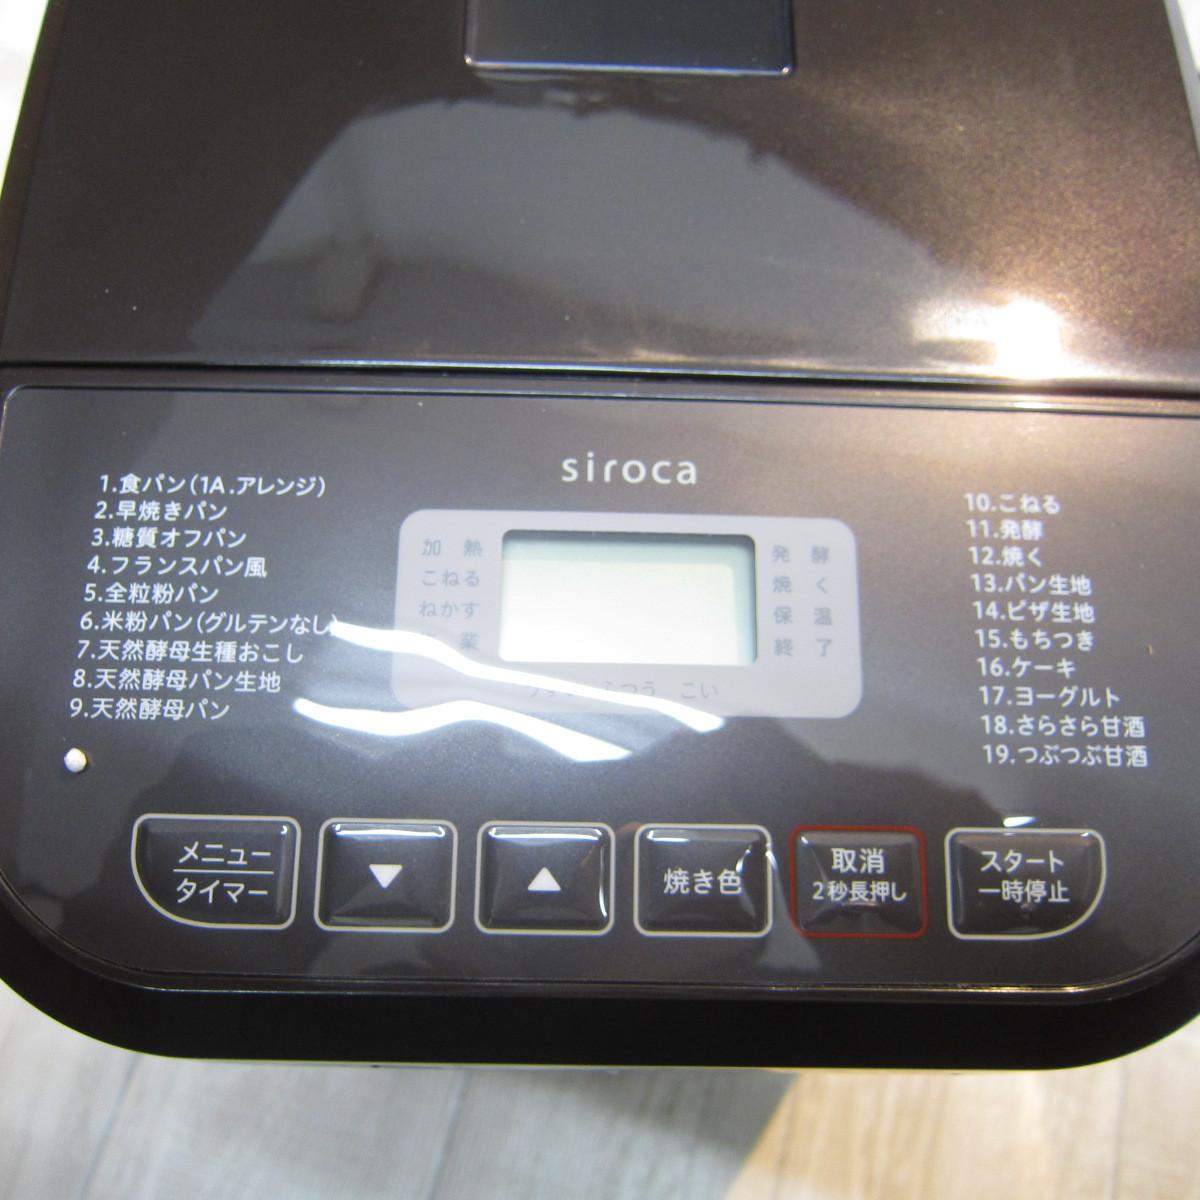 S1906【未使用】シロカ 全自動コンパクト ホームベーカリー [20メニュー/1斤タイプ/餅つき機] おうちベーカリー SB-1D151